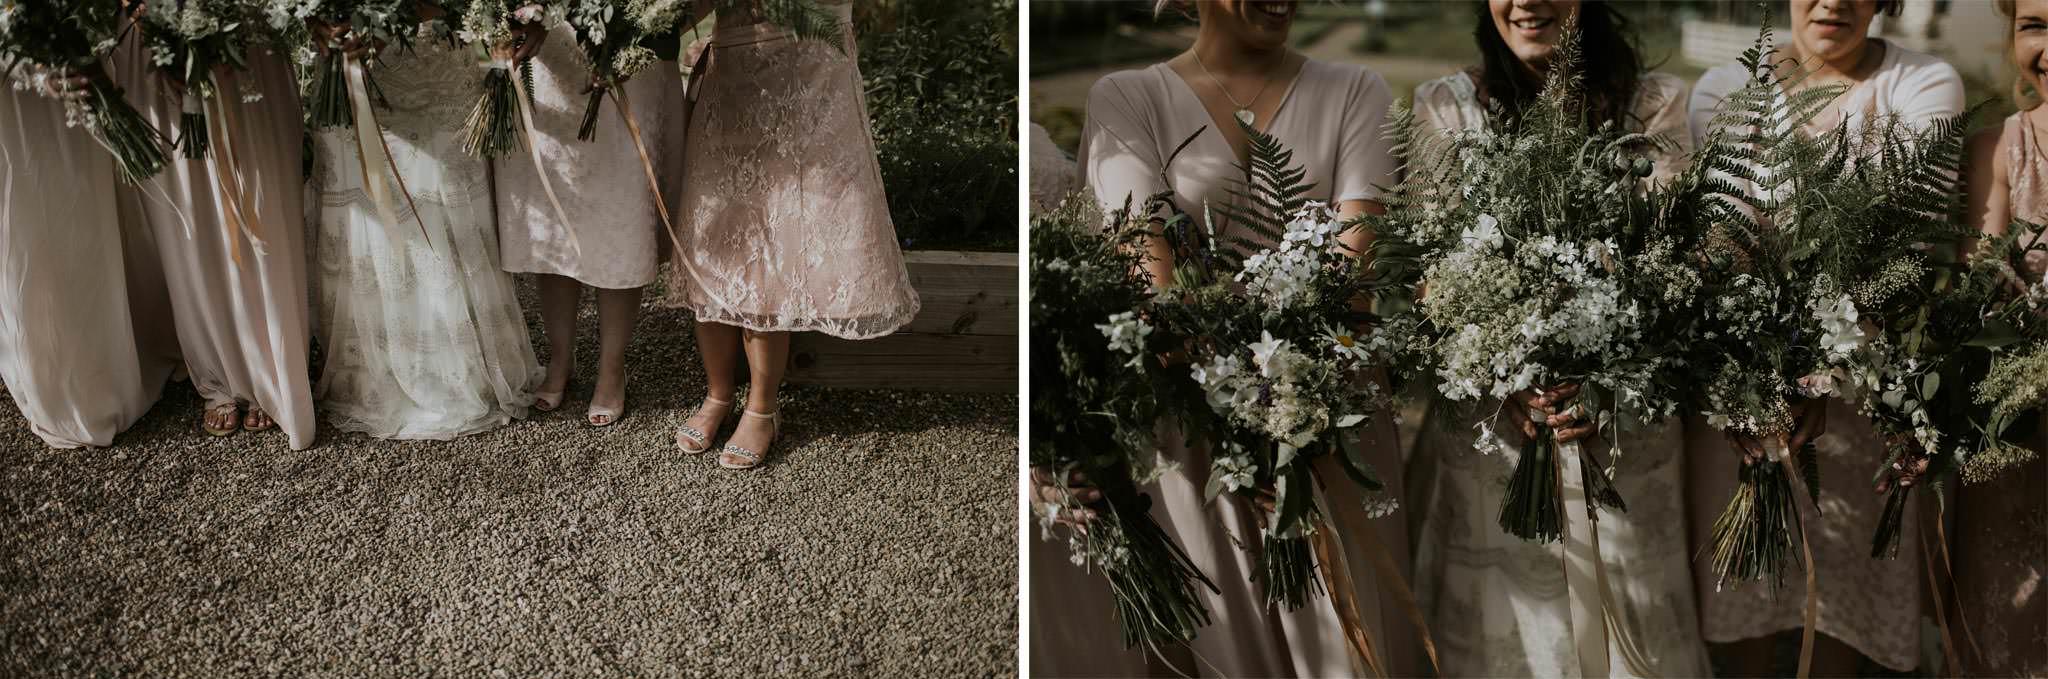 secret-herb-garden-edinburgh-vegan-wedding-086